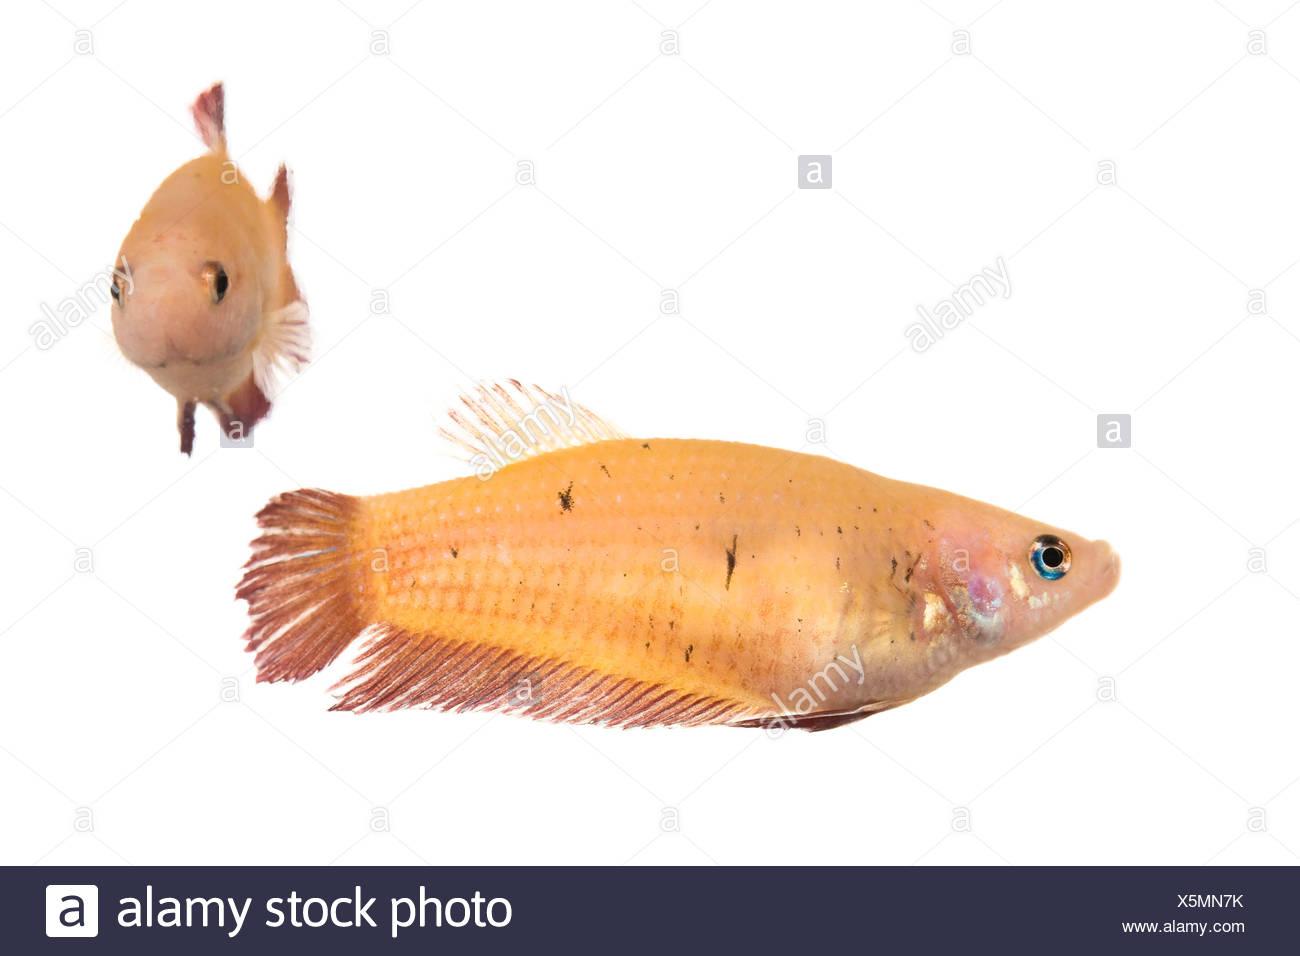 Siamese Fighting Fish, female (Betta splendens) Stock Photo